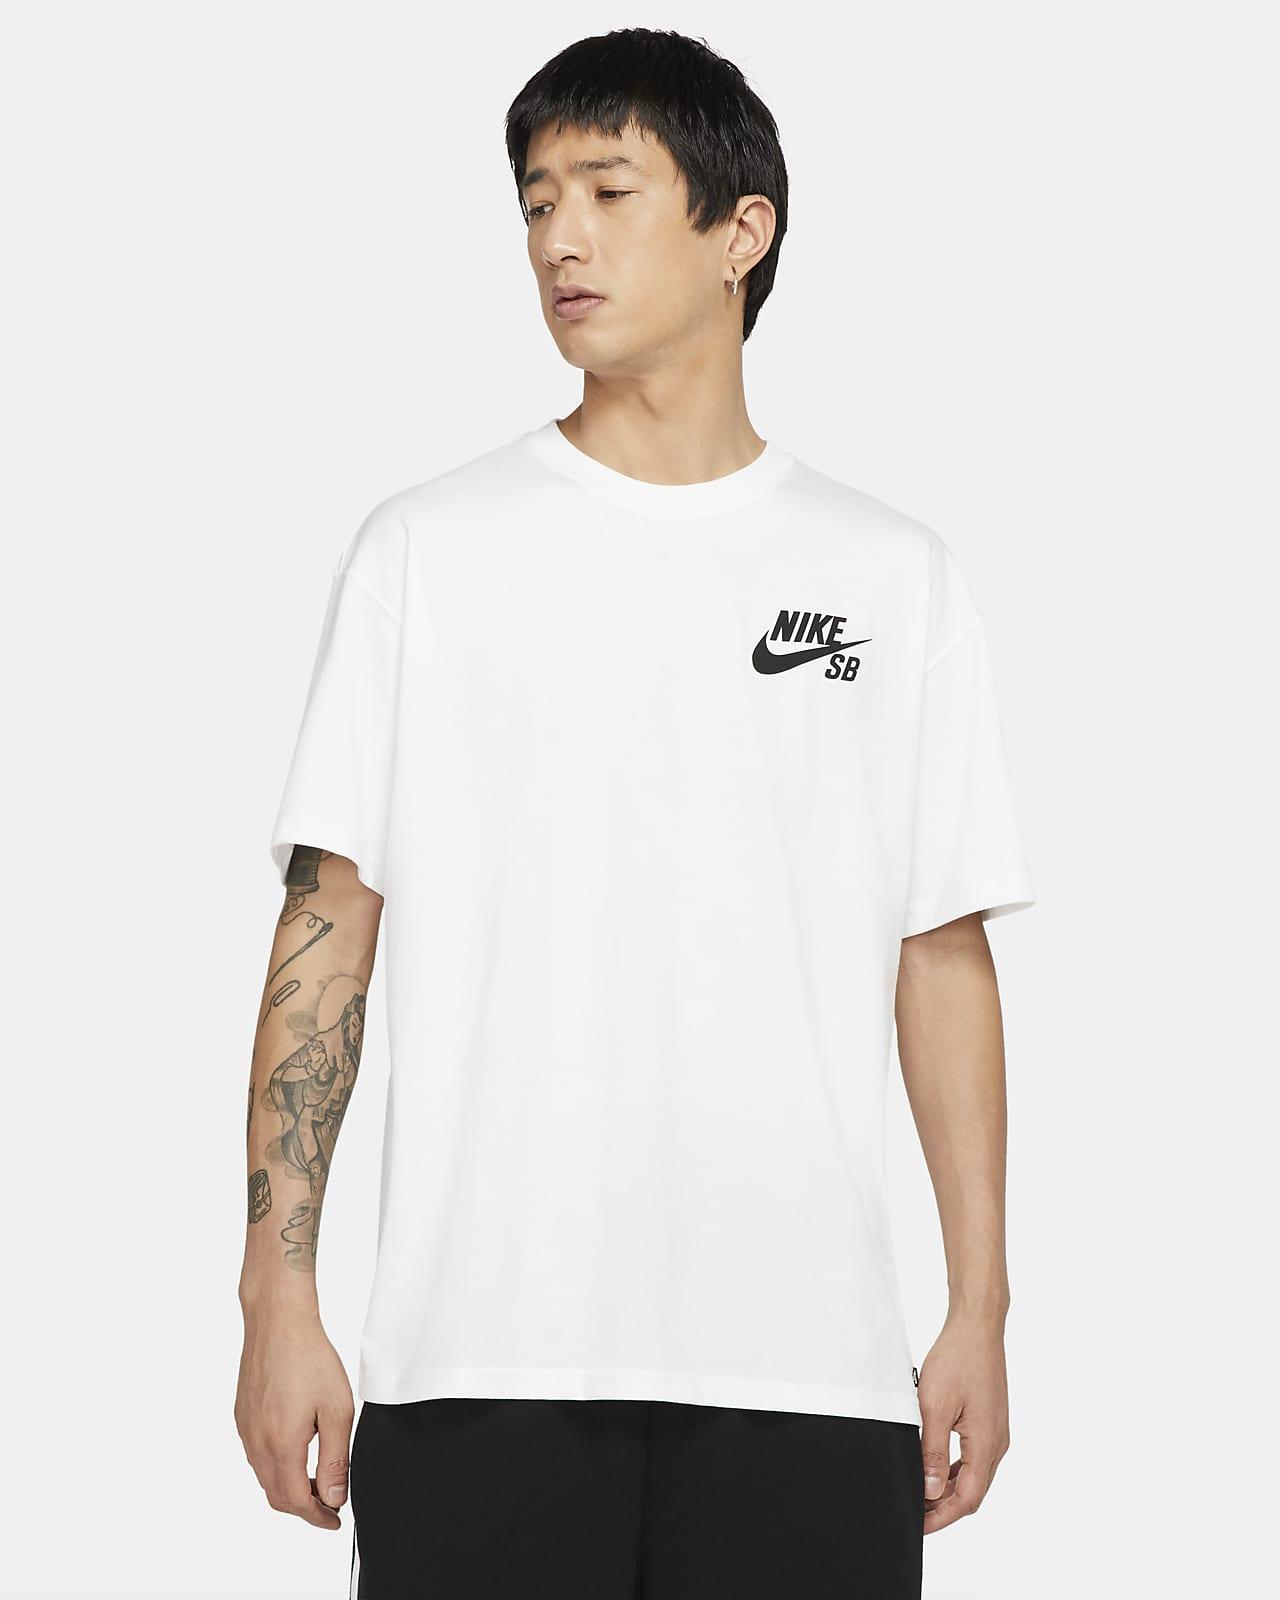 Playera de skateboarding con logotipo Nike SB